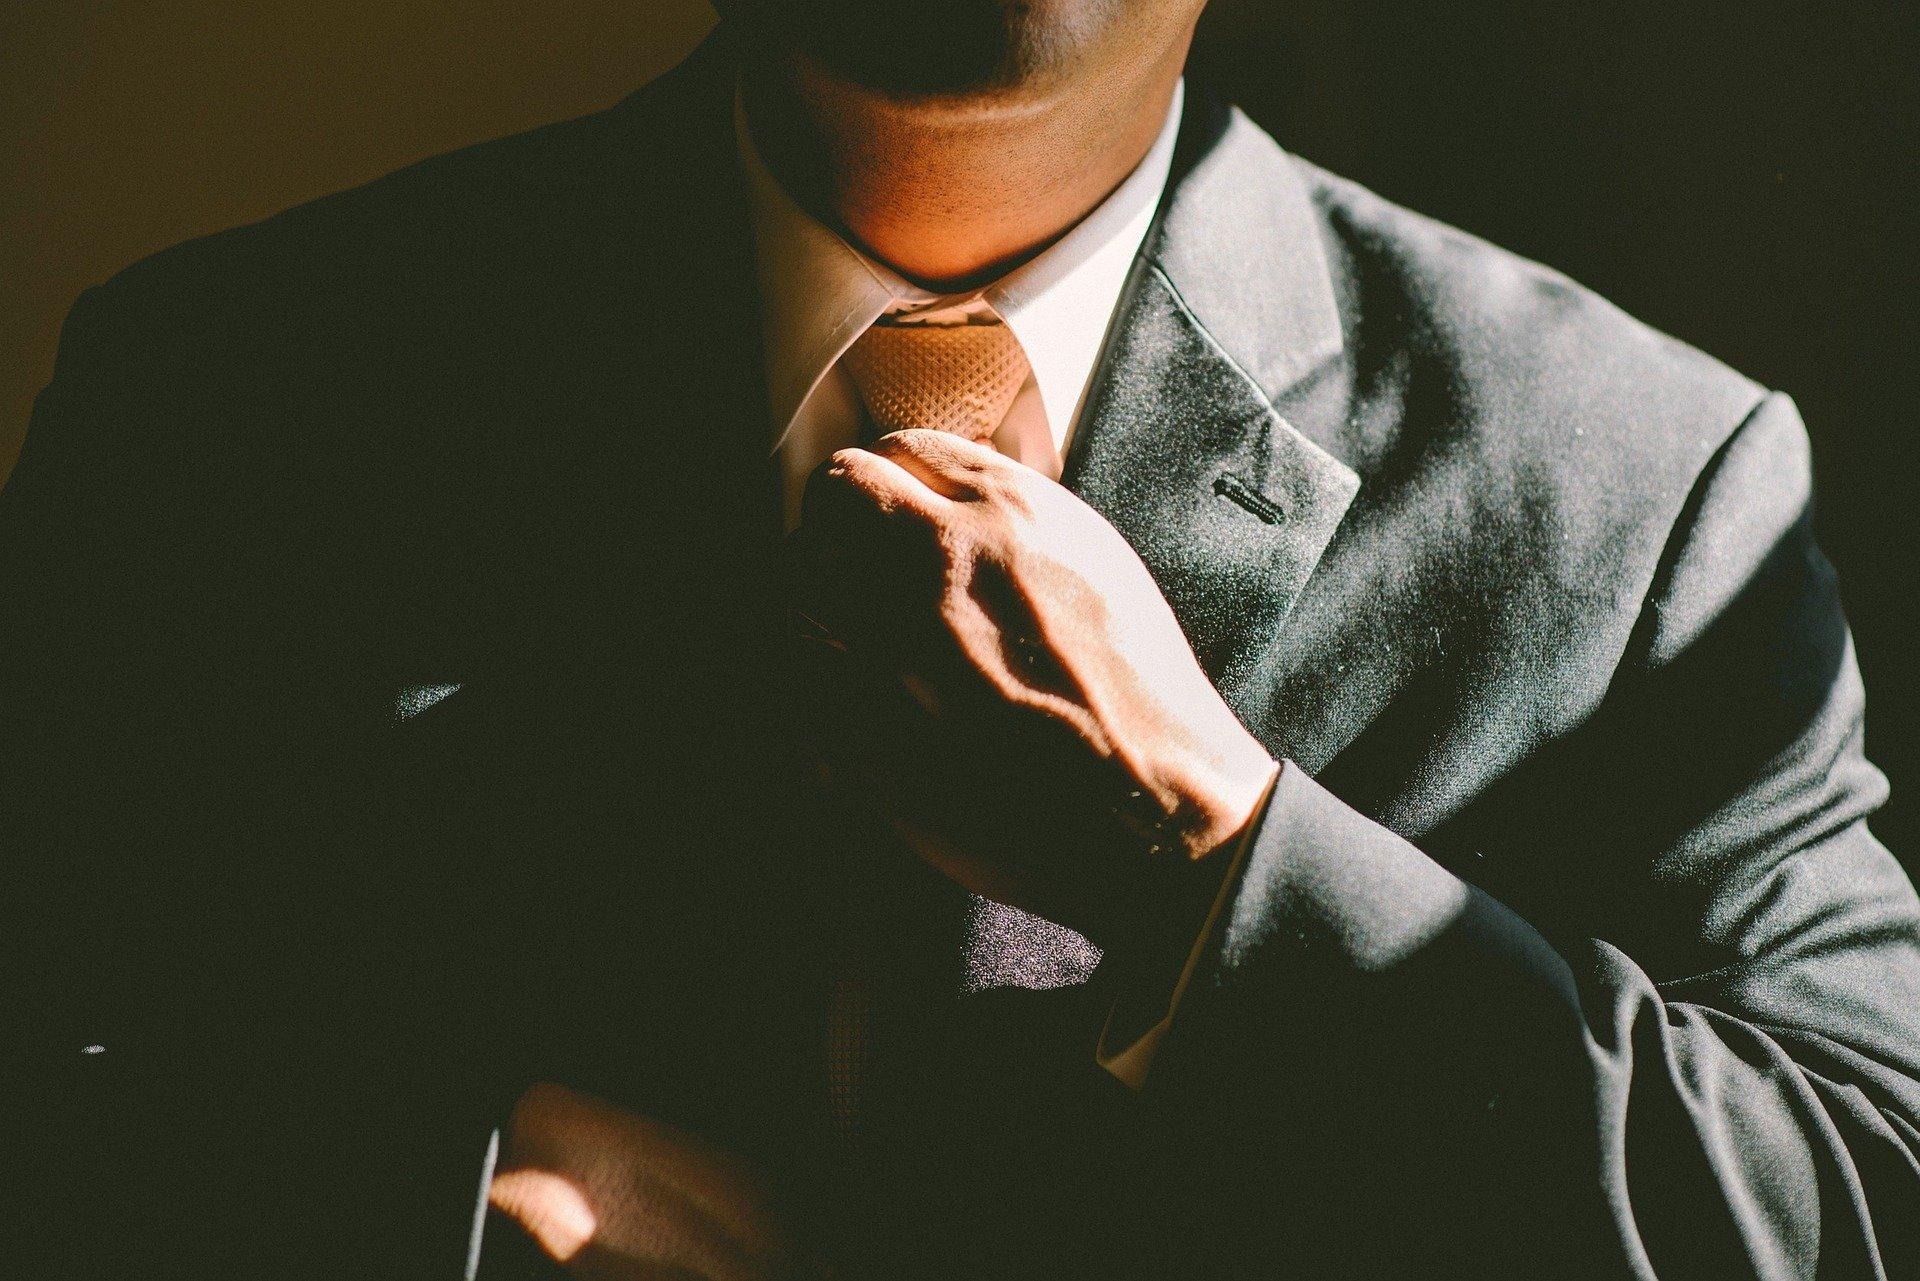 Niewątpliwie najszybciej decyzje o zmianie pracy podejmą młodsze osoby (fot. Pixabay)